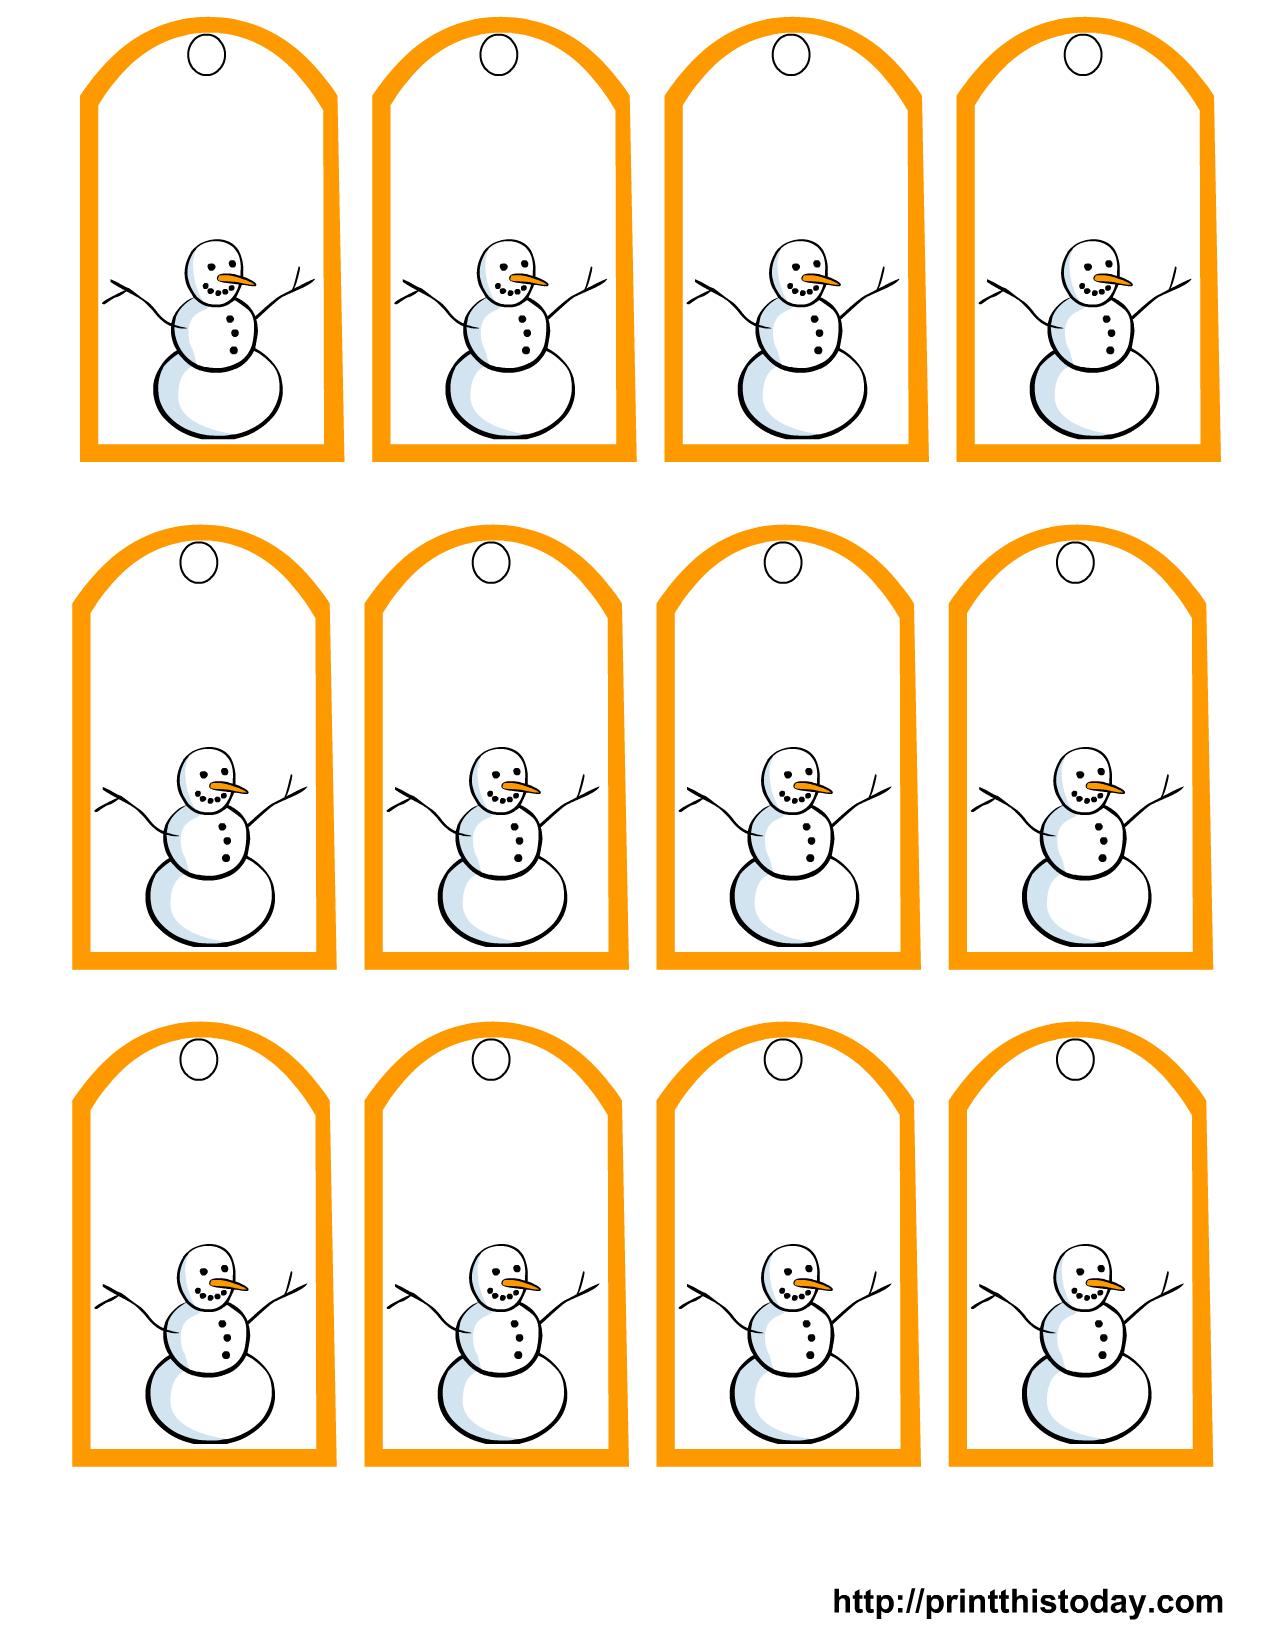 Free Printable Snowman Christmas Gift Tags - Free Printable Gift Tags